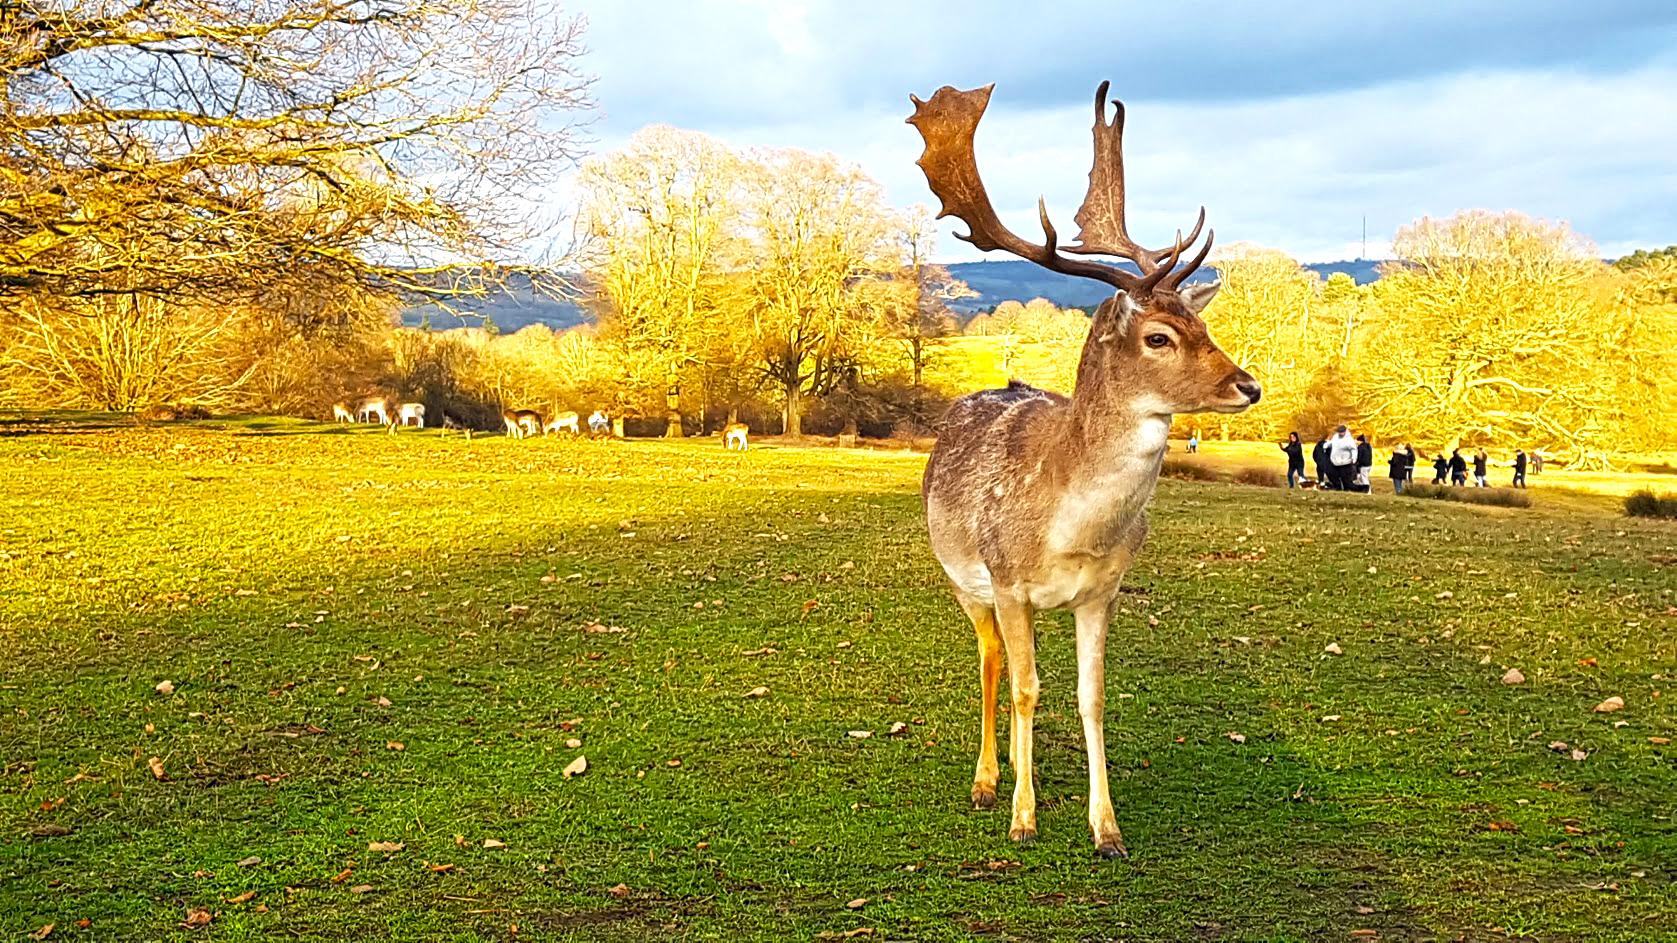 knowle_park_deer